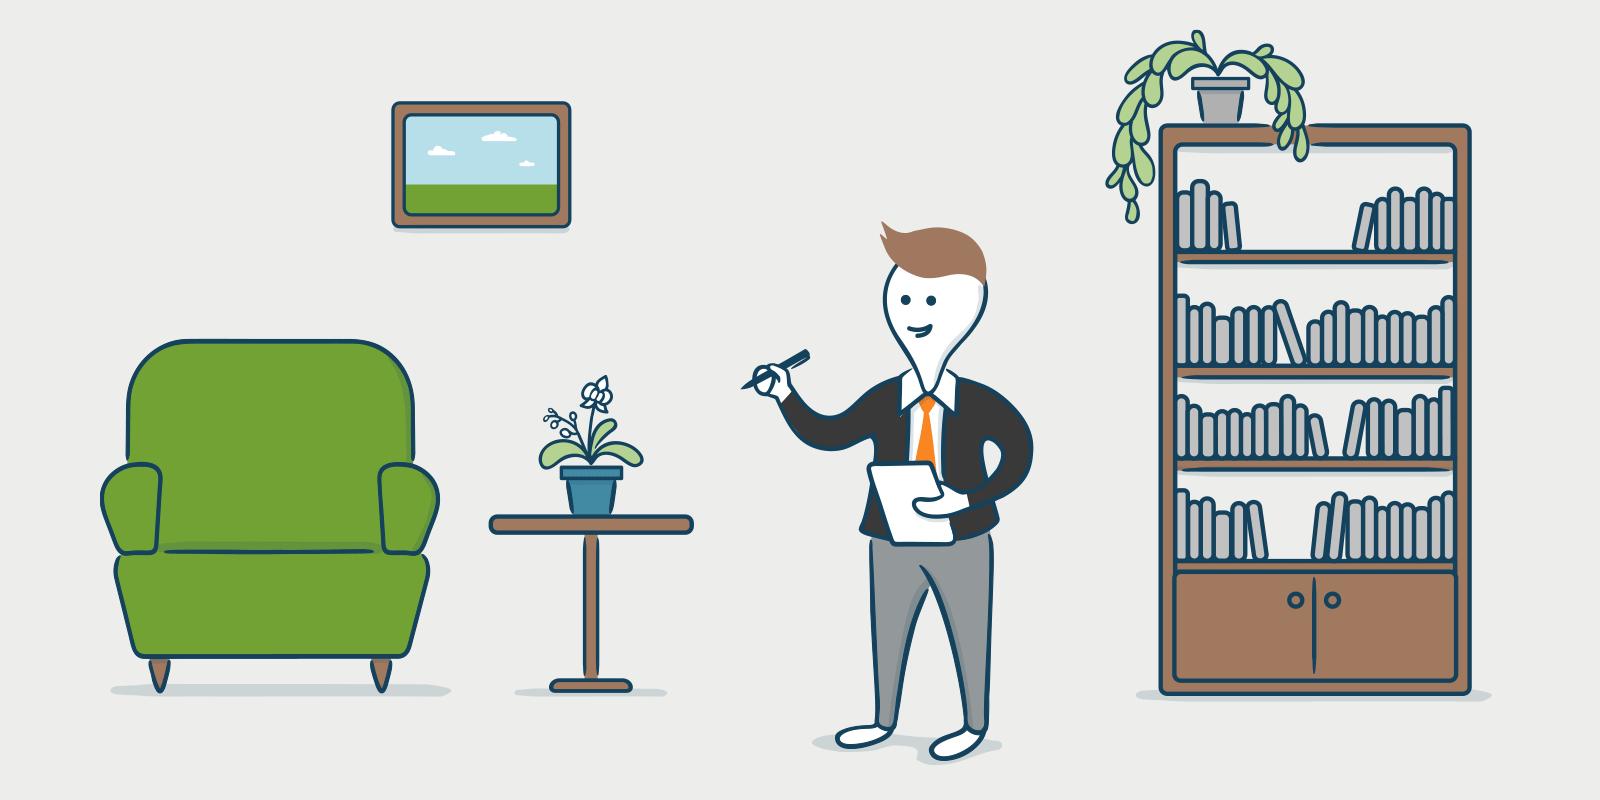 Comment gérer seul une location immobilière?